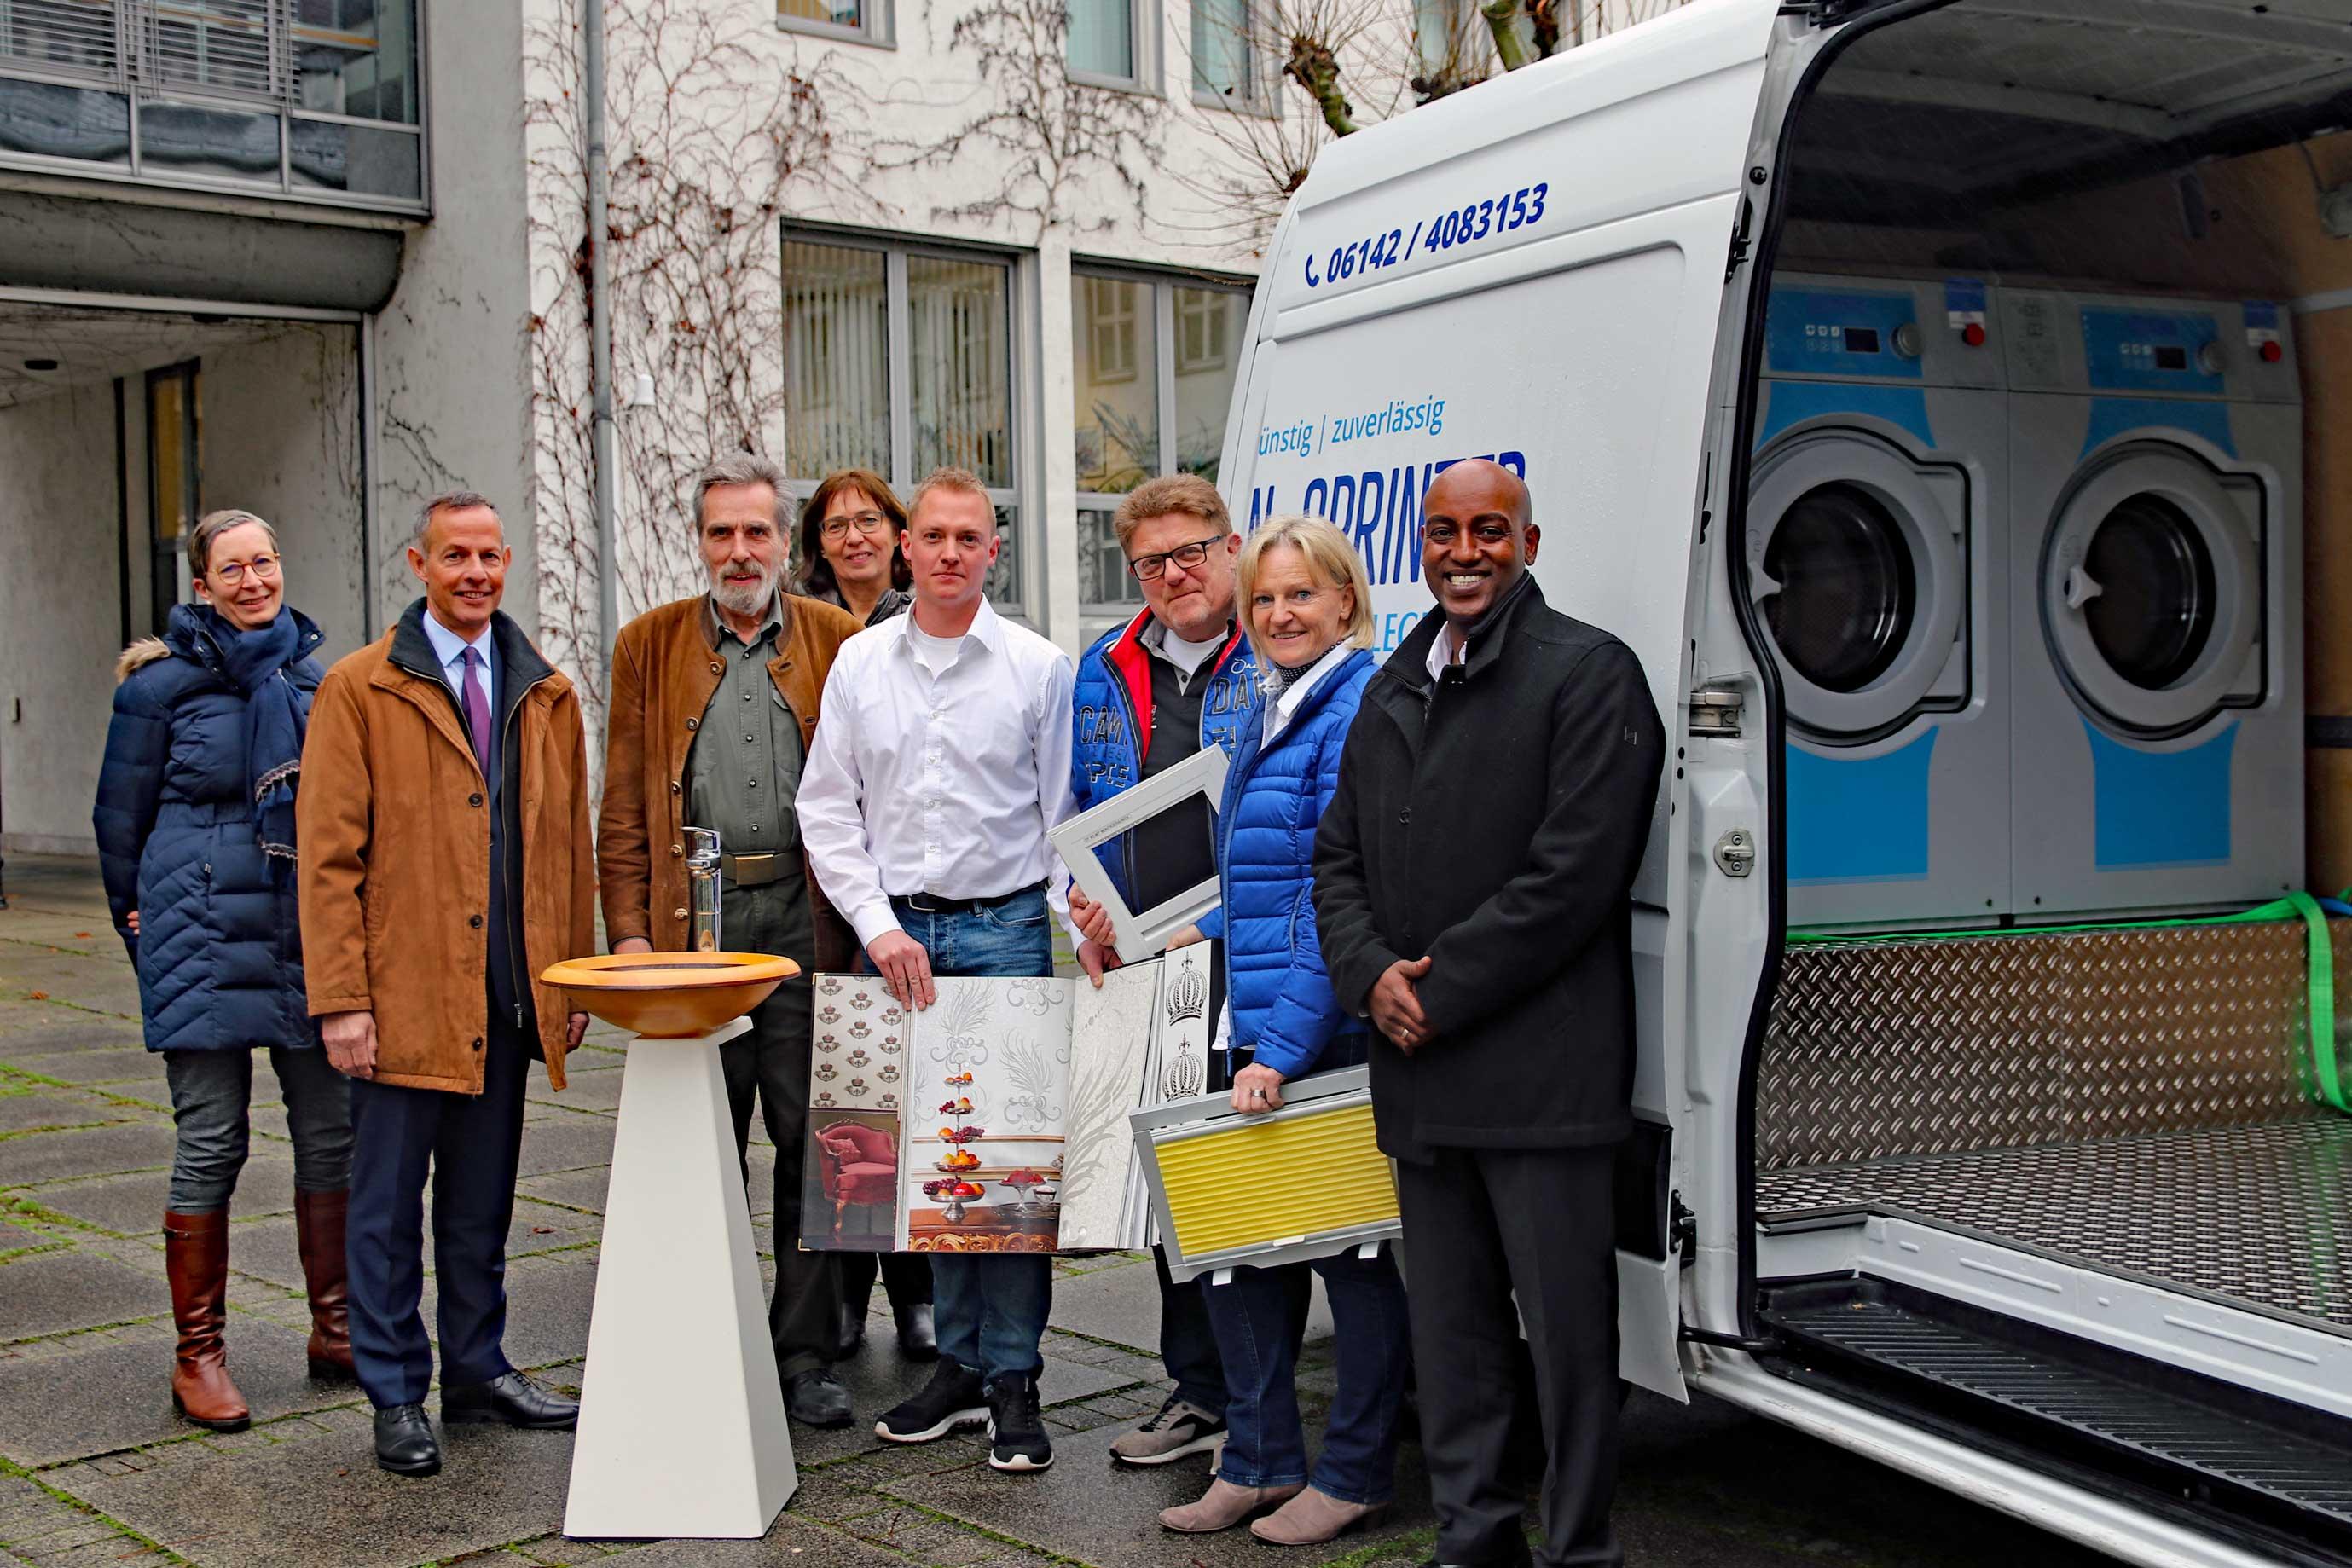 Oberbürgermeister Udo Bausch trifft Handwerk-Experten für schöne Räume - Foto: Stadt Rüsselsheim am Main